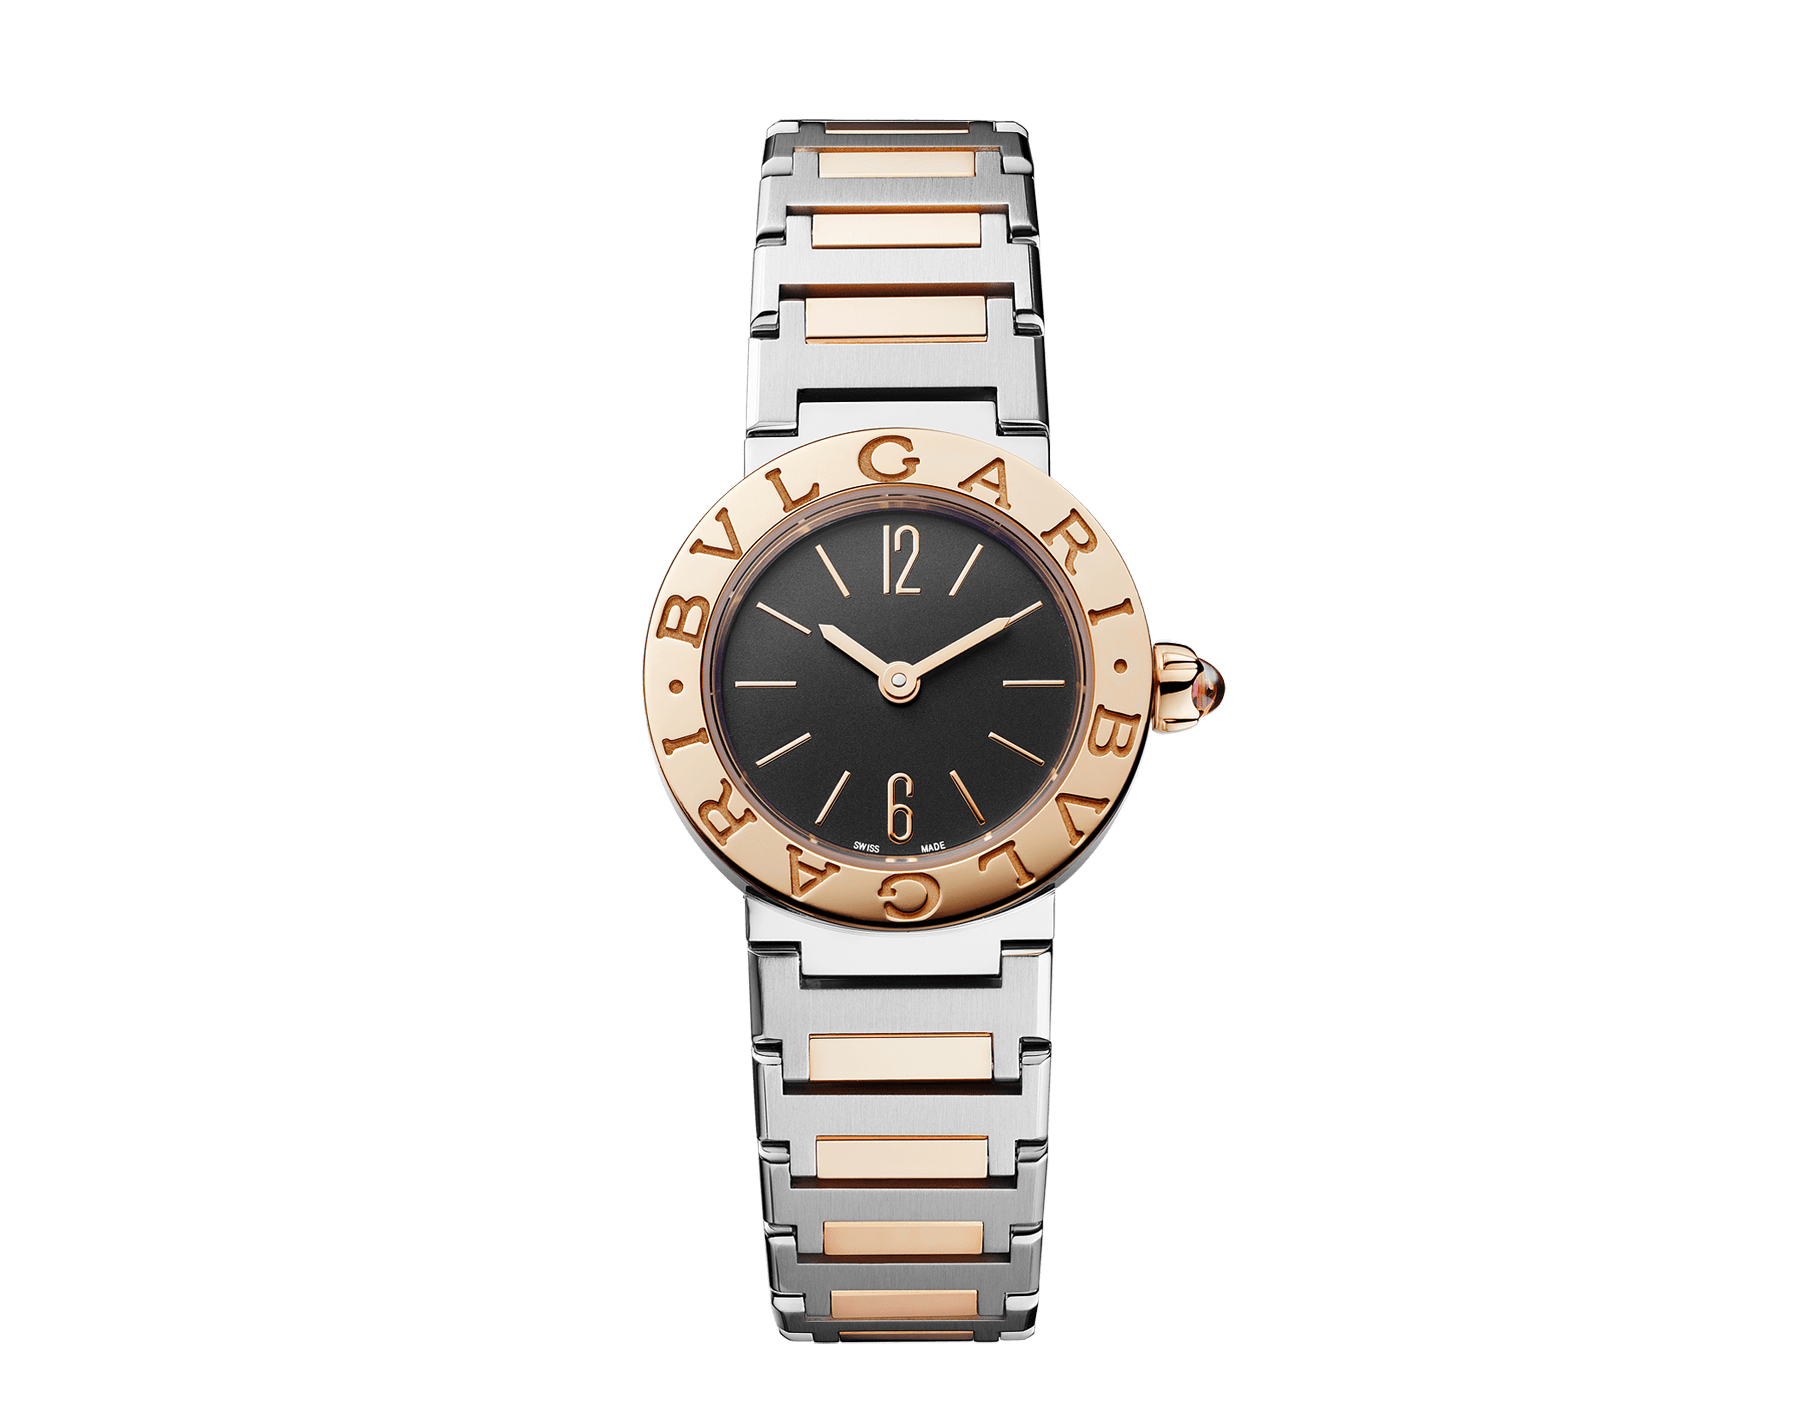 Relógio BVLGARI BVLGARI LADY com caixa em aço inoxidável, bezel em ouro rosa 18K gravado com o logotipo duplo, mostrador preto laqueado e pulseira em ouro rosa 18K e aço inoxidável 102944 image 1